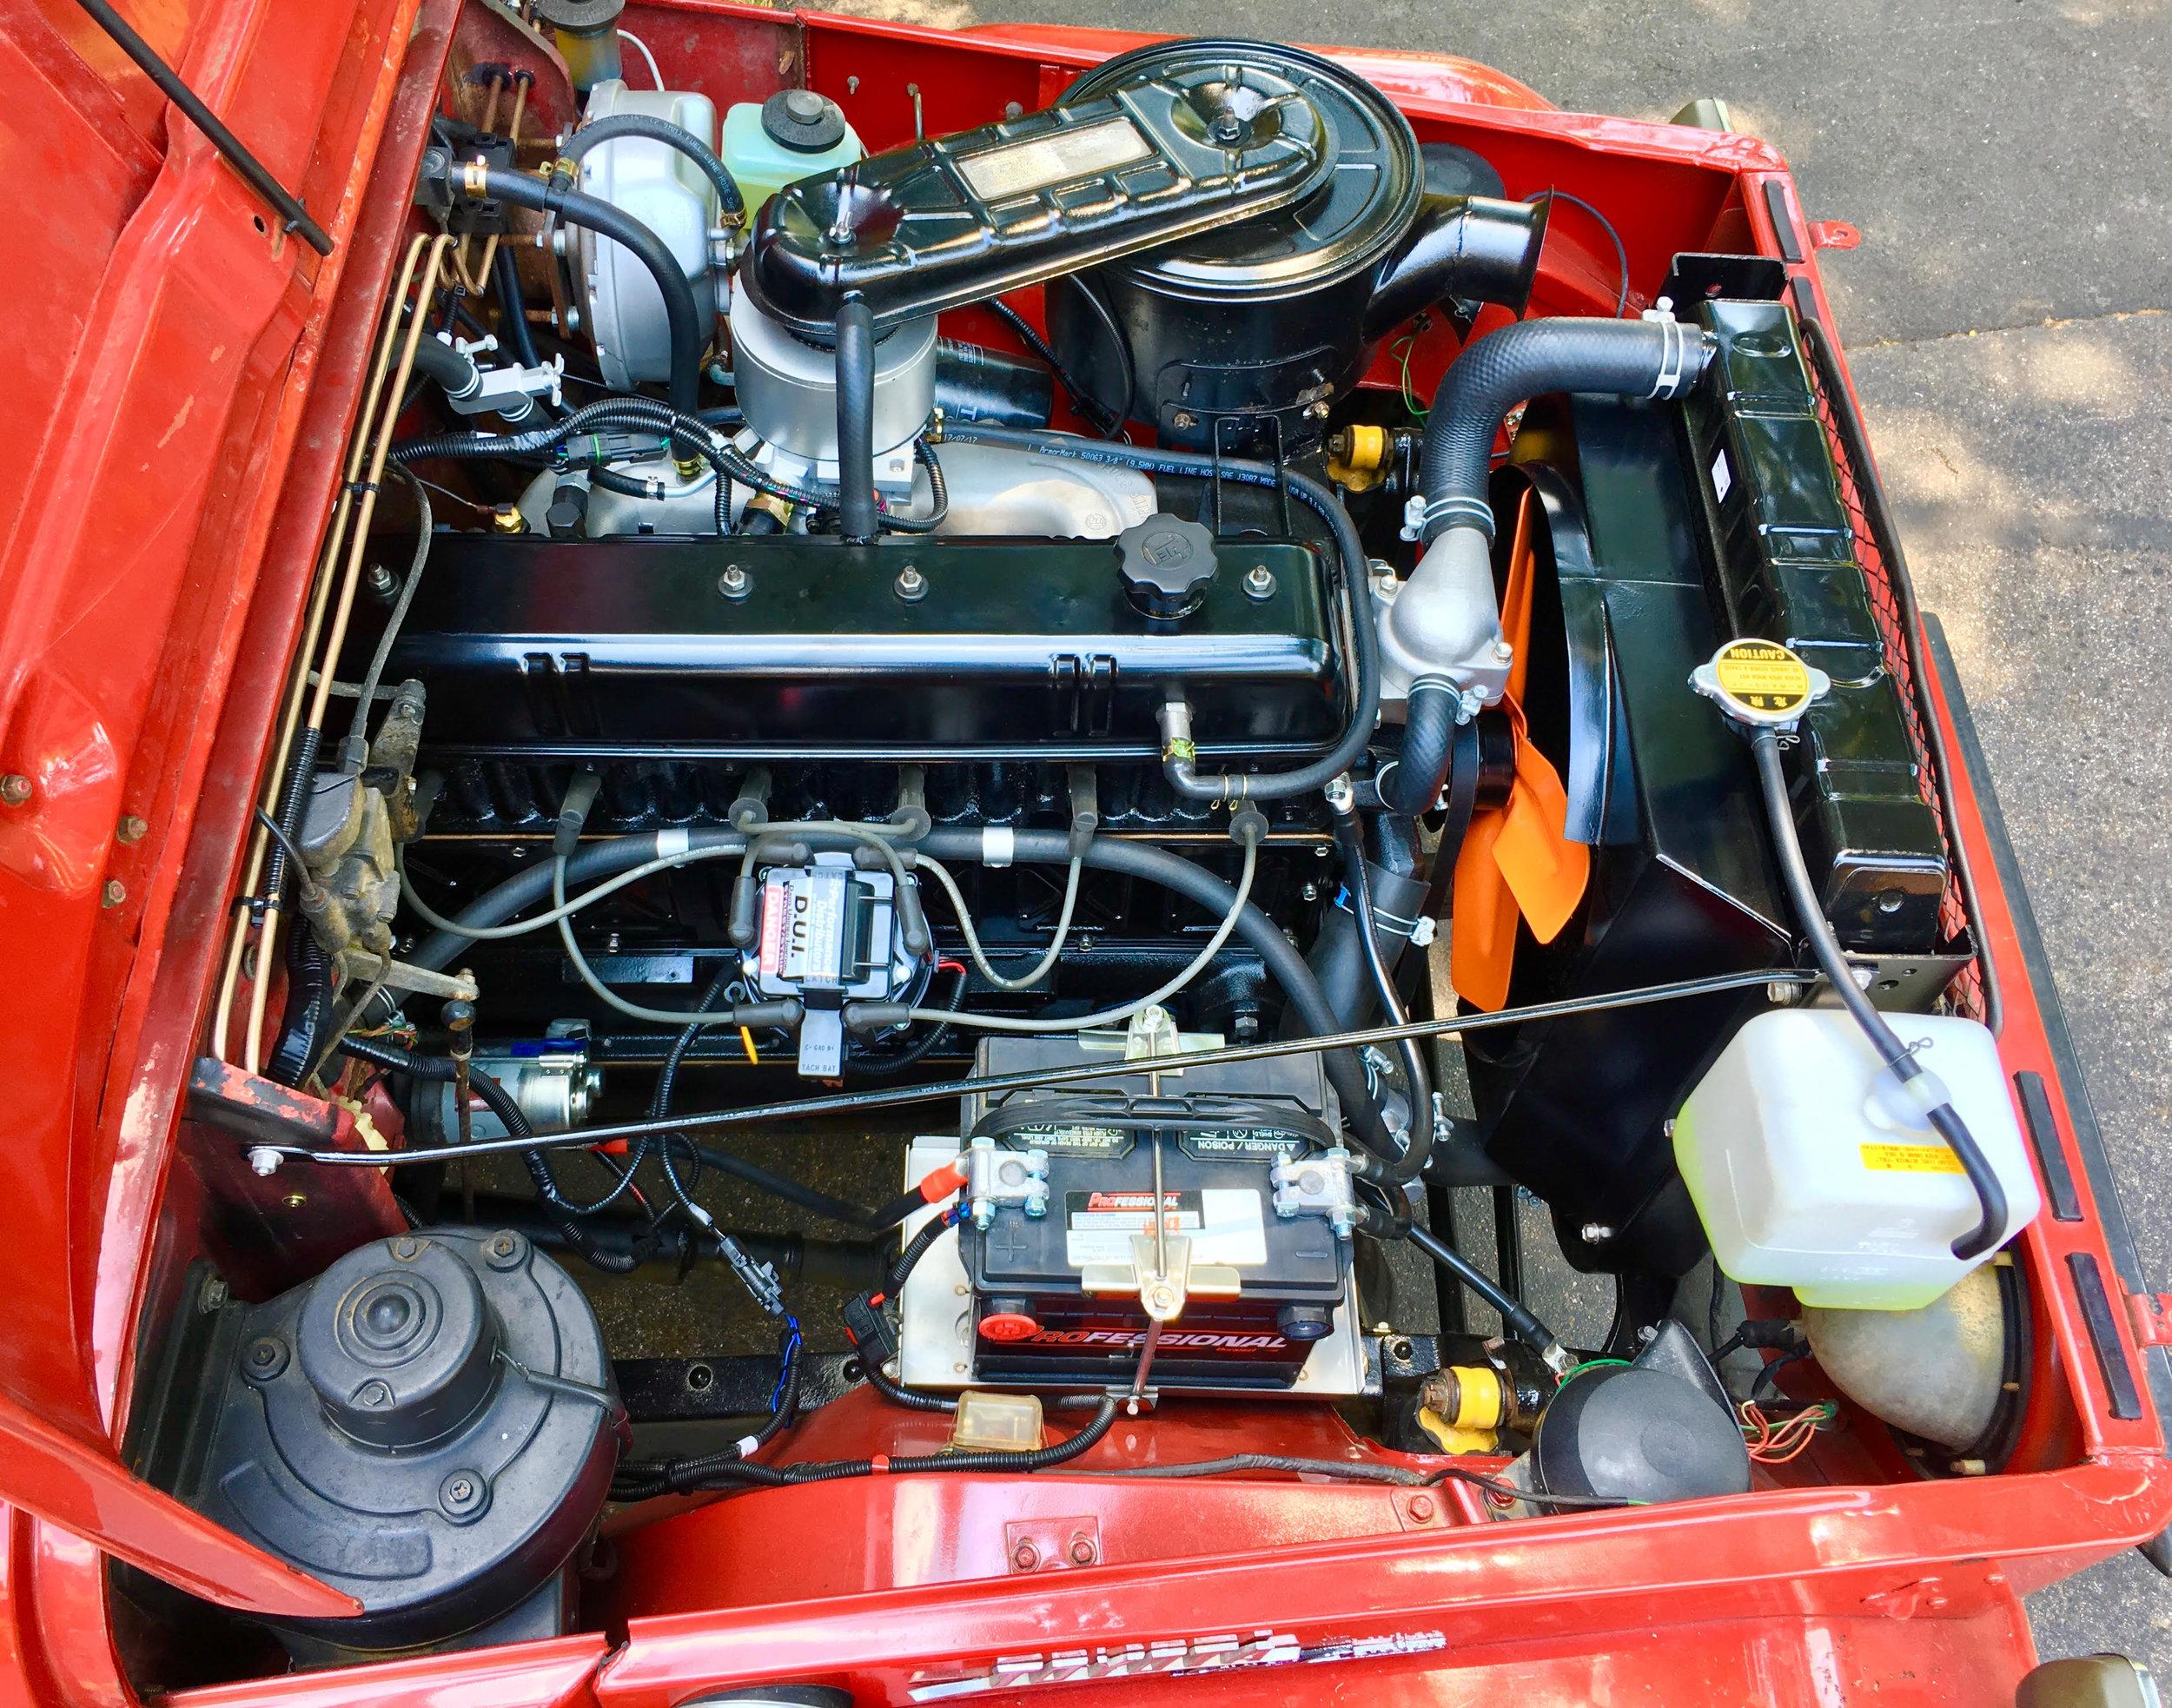 FJ40 Fuel Injection.jpg